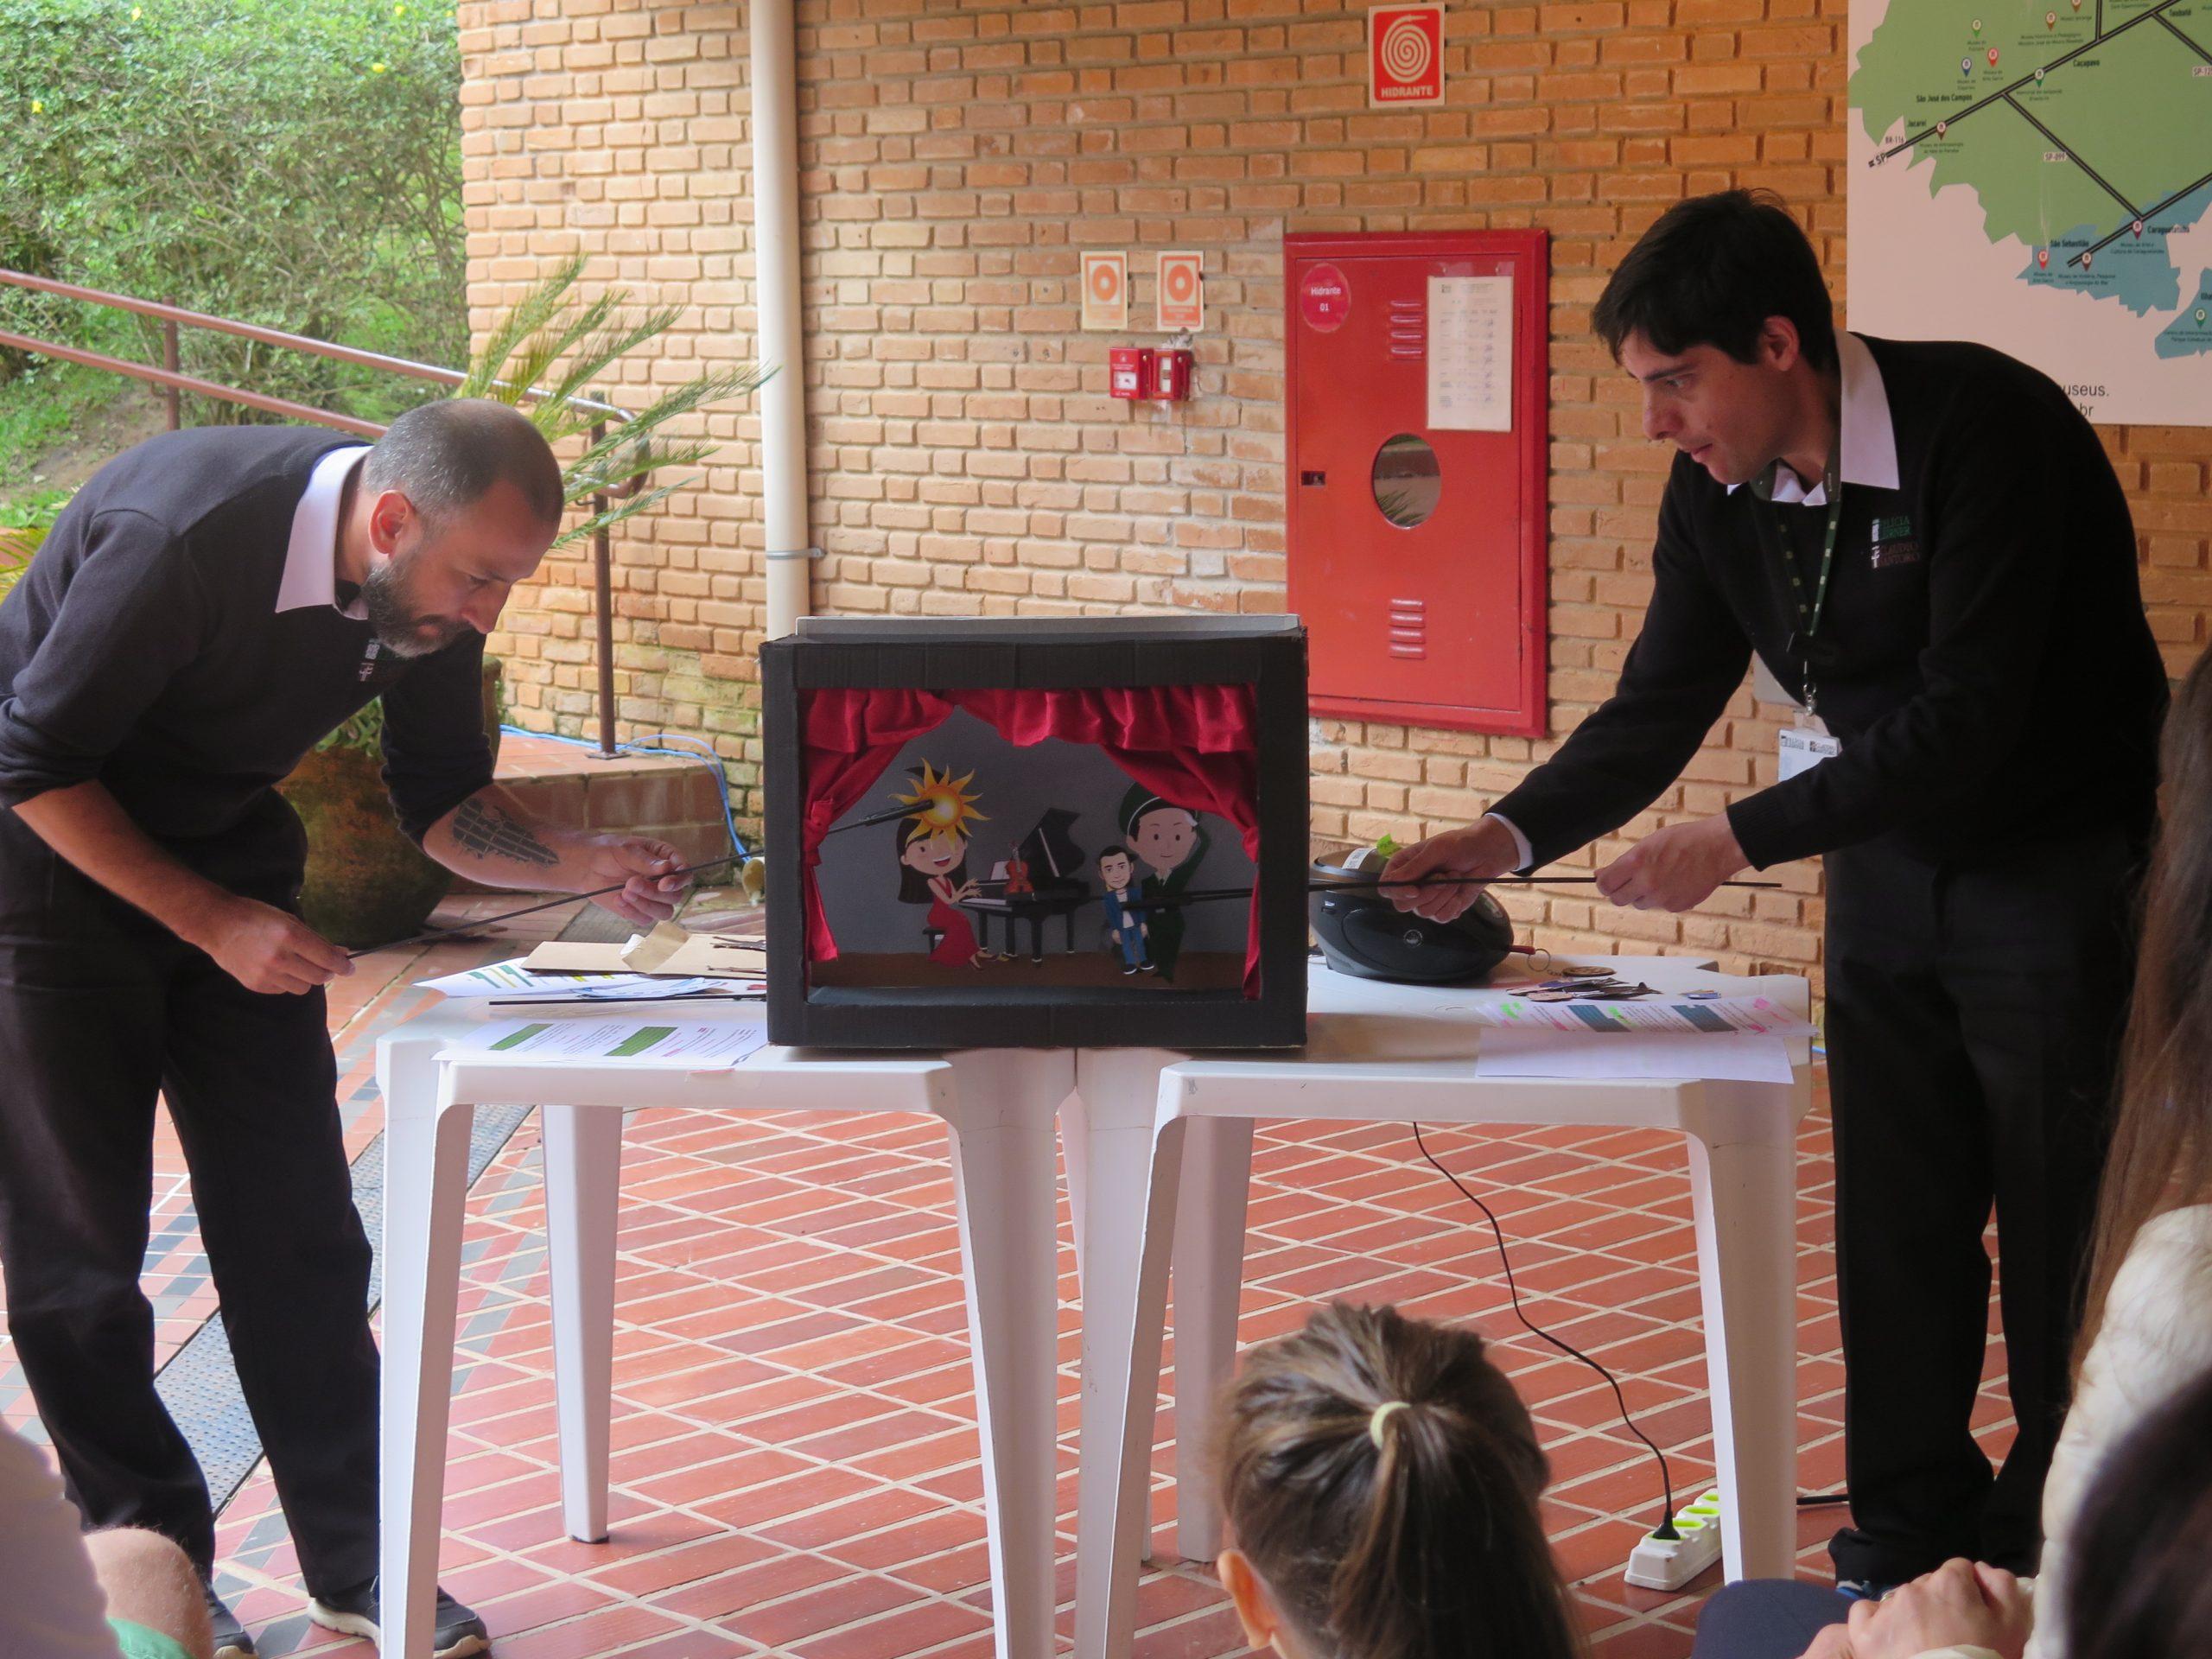 Dois educadores estão apresentando o teatro de papel da história de Claudio Santoro.